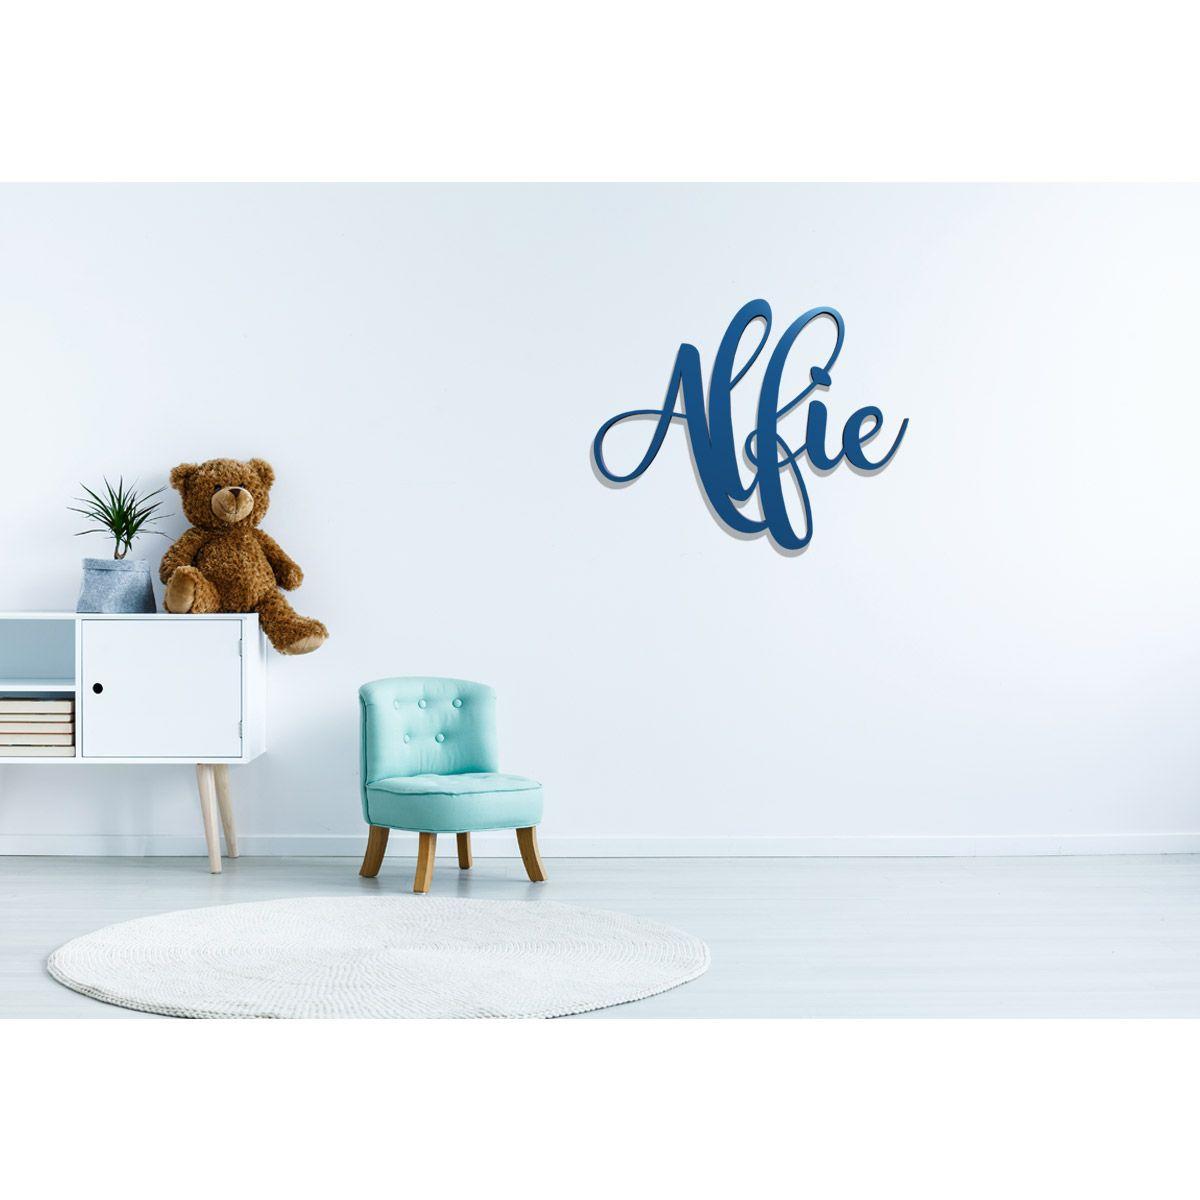 Magnolia-Alfie